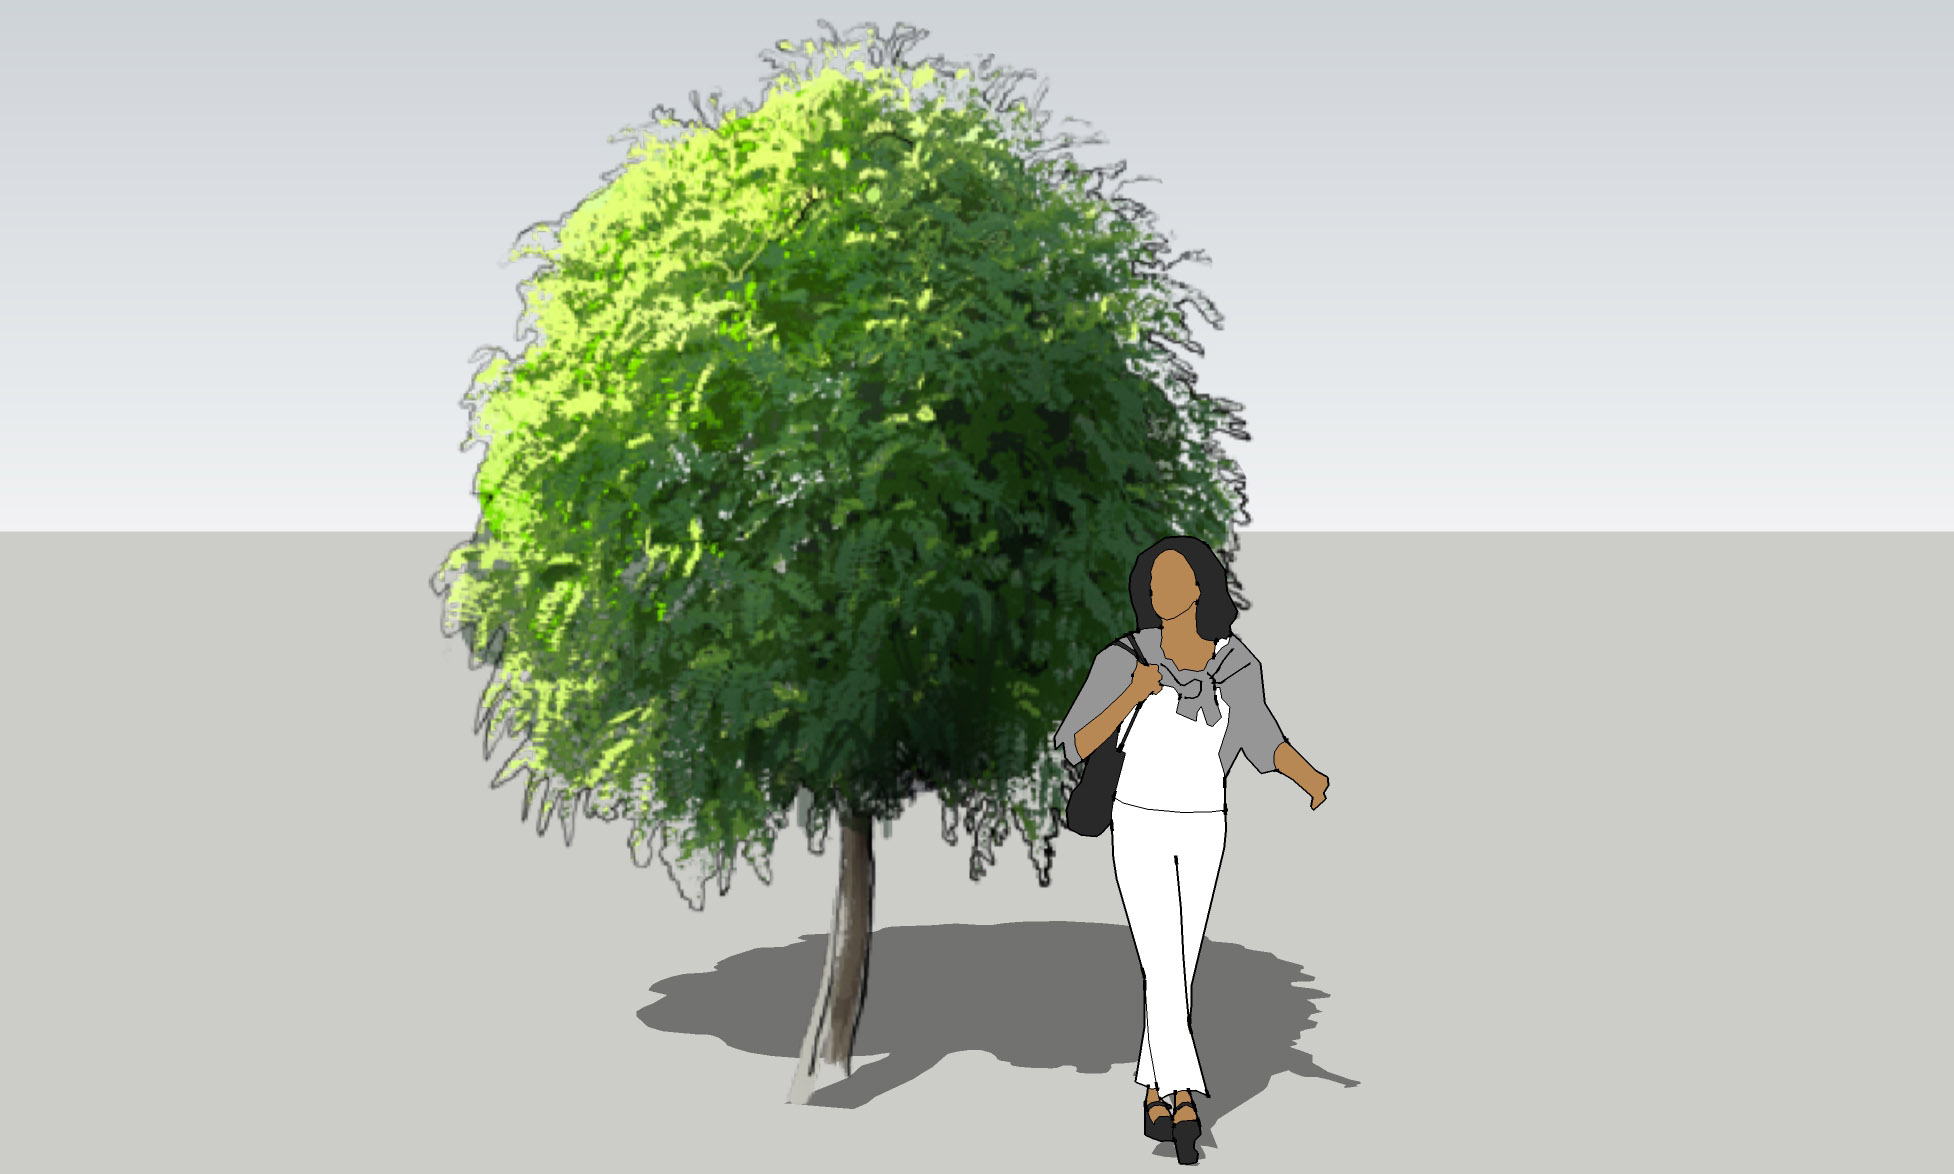 Лиственные деревья / Deciduous trees